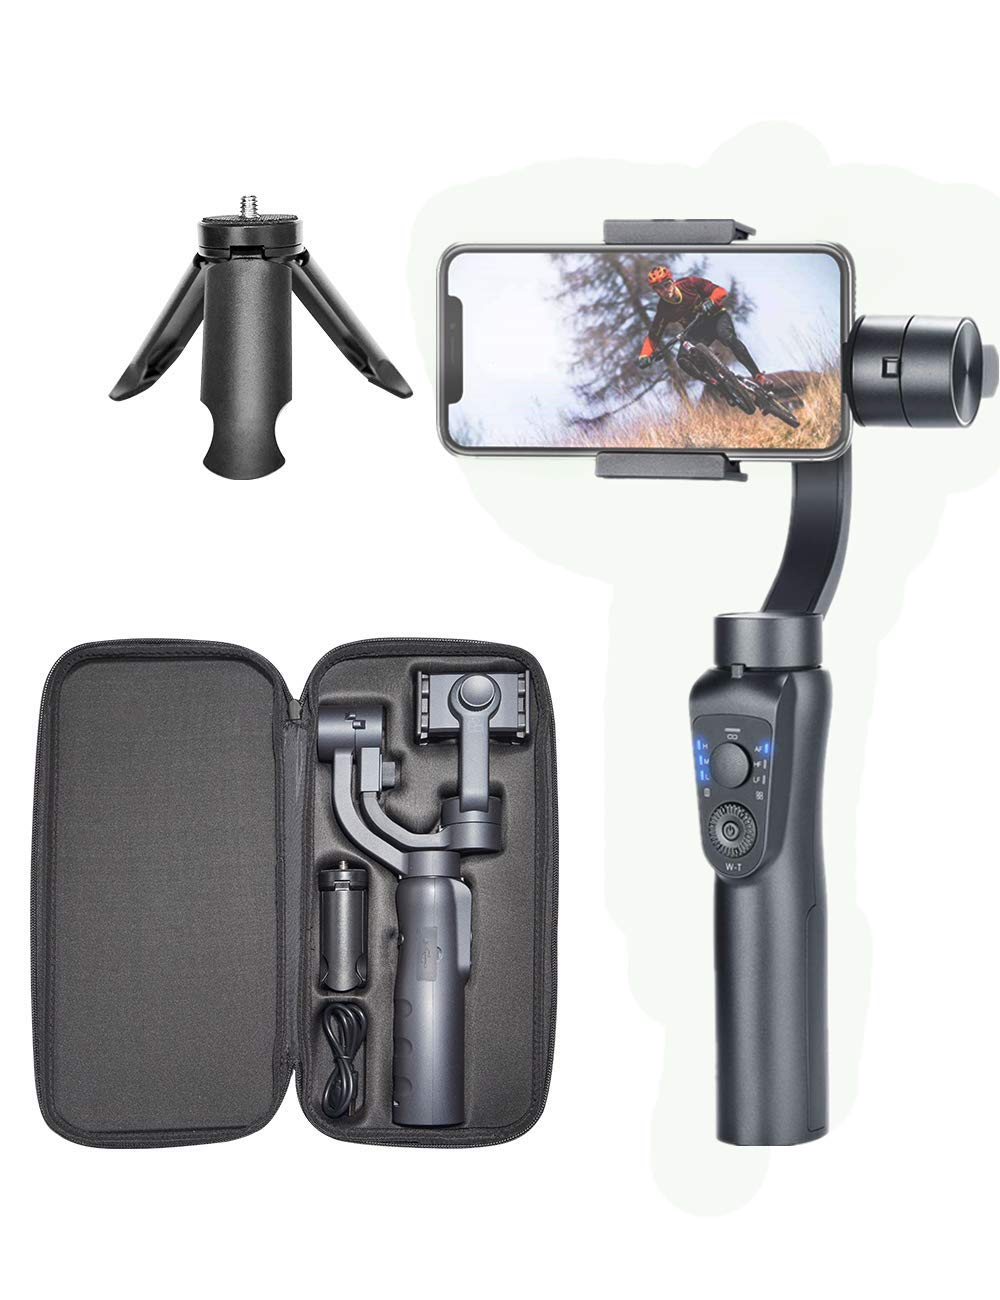 Phyismor 3-Axis Handheld Gimbal